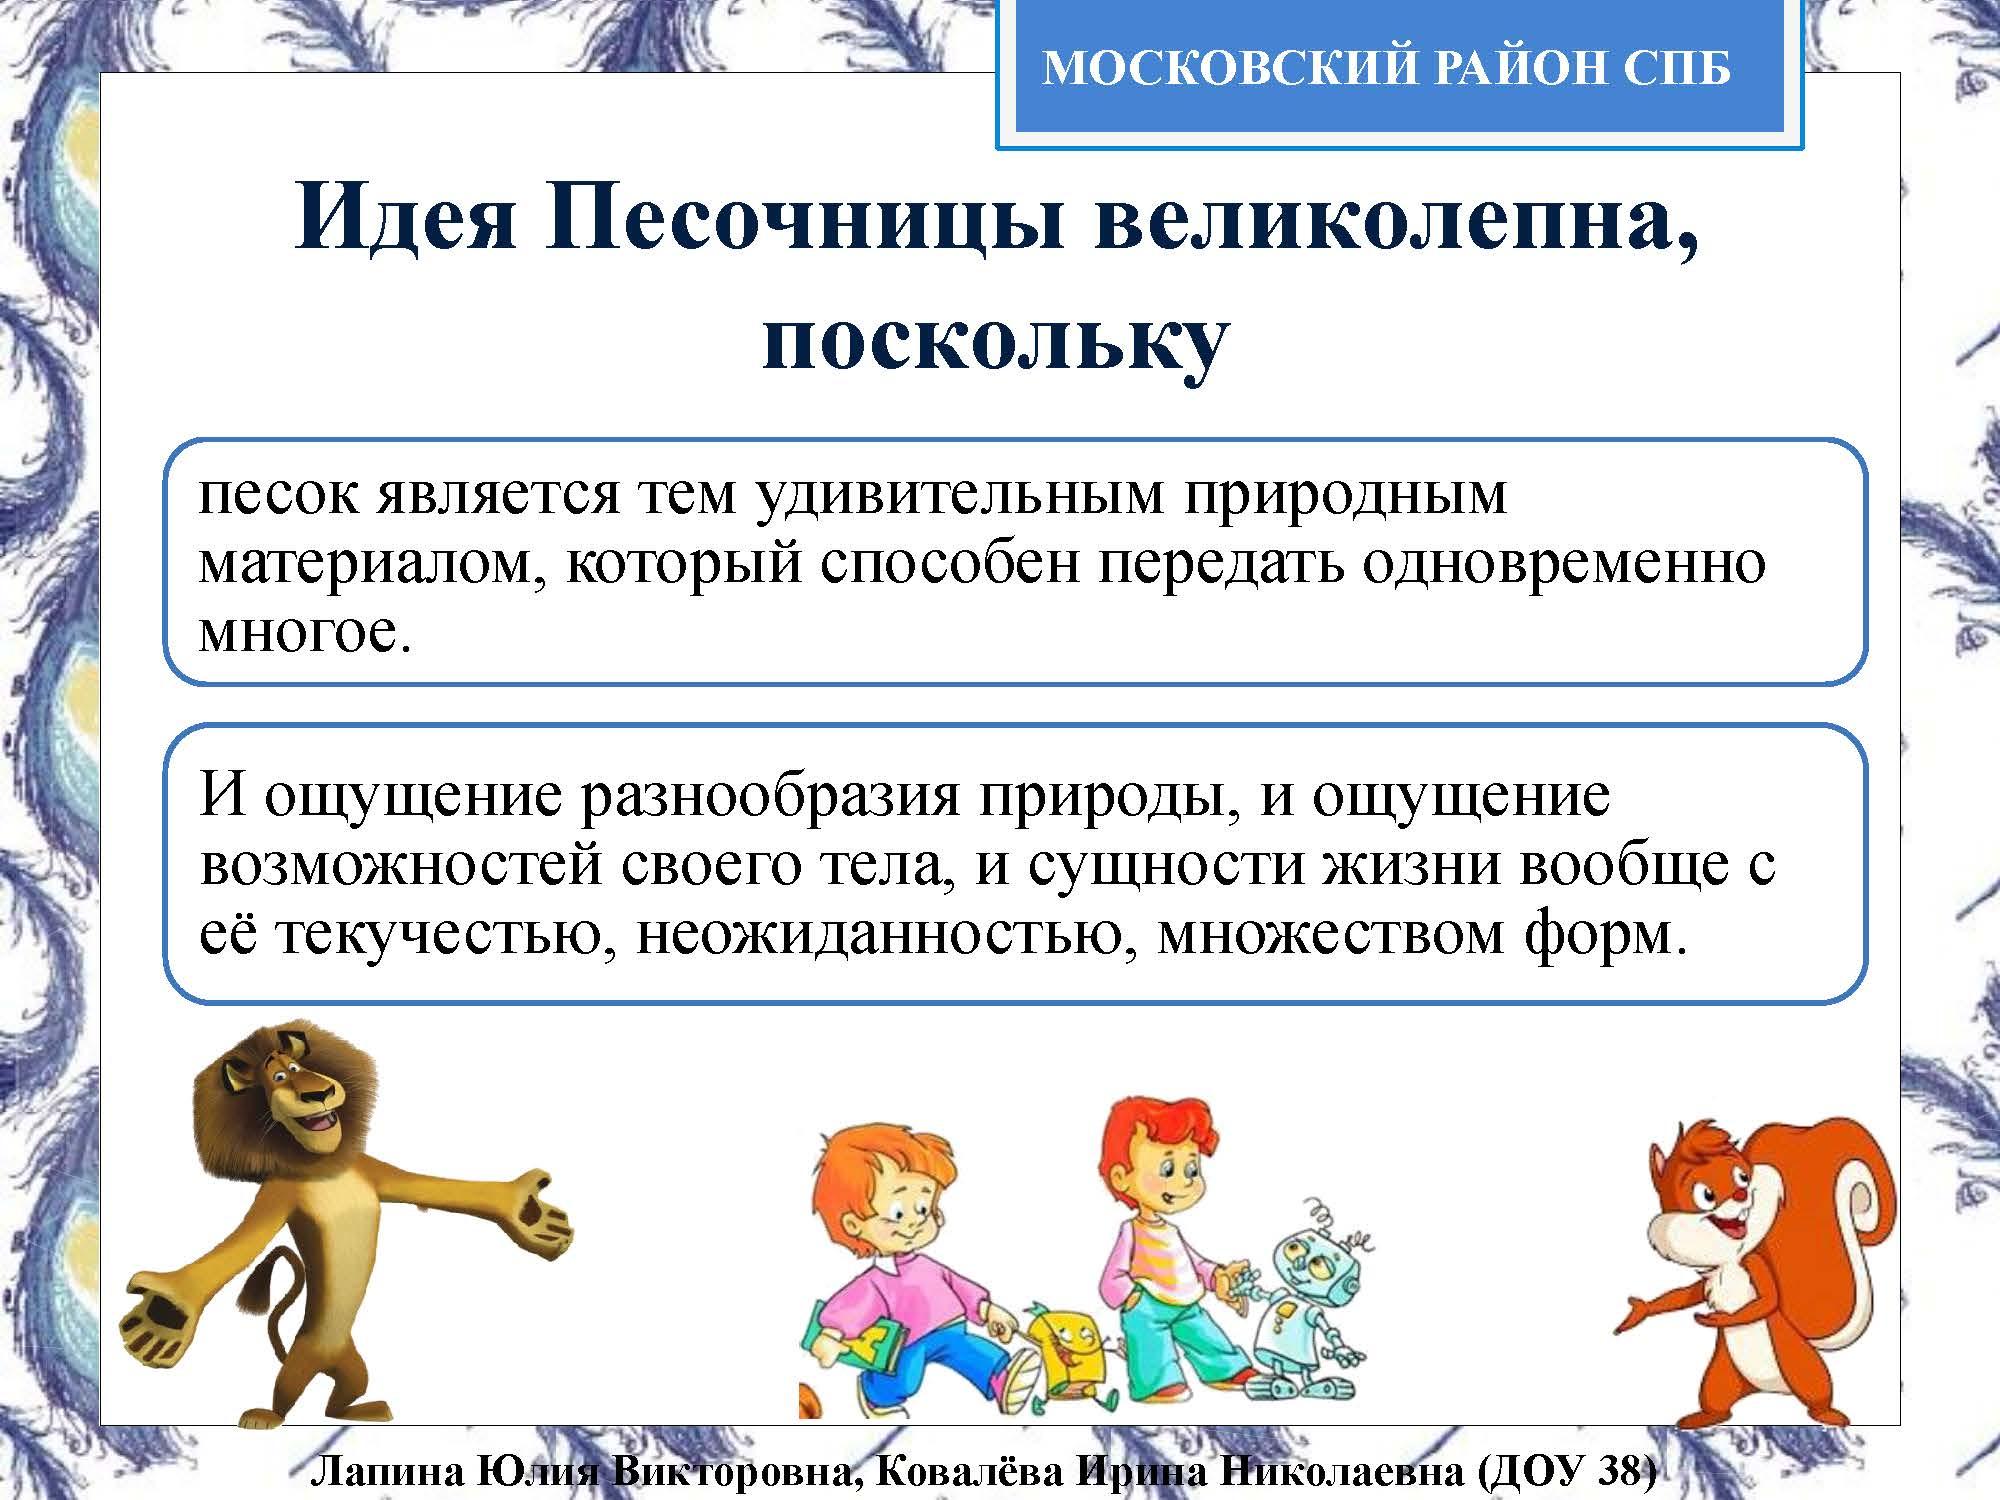 Секция 8. ДОУ 38, Московский район_Страница_04